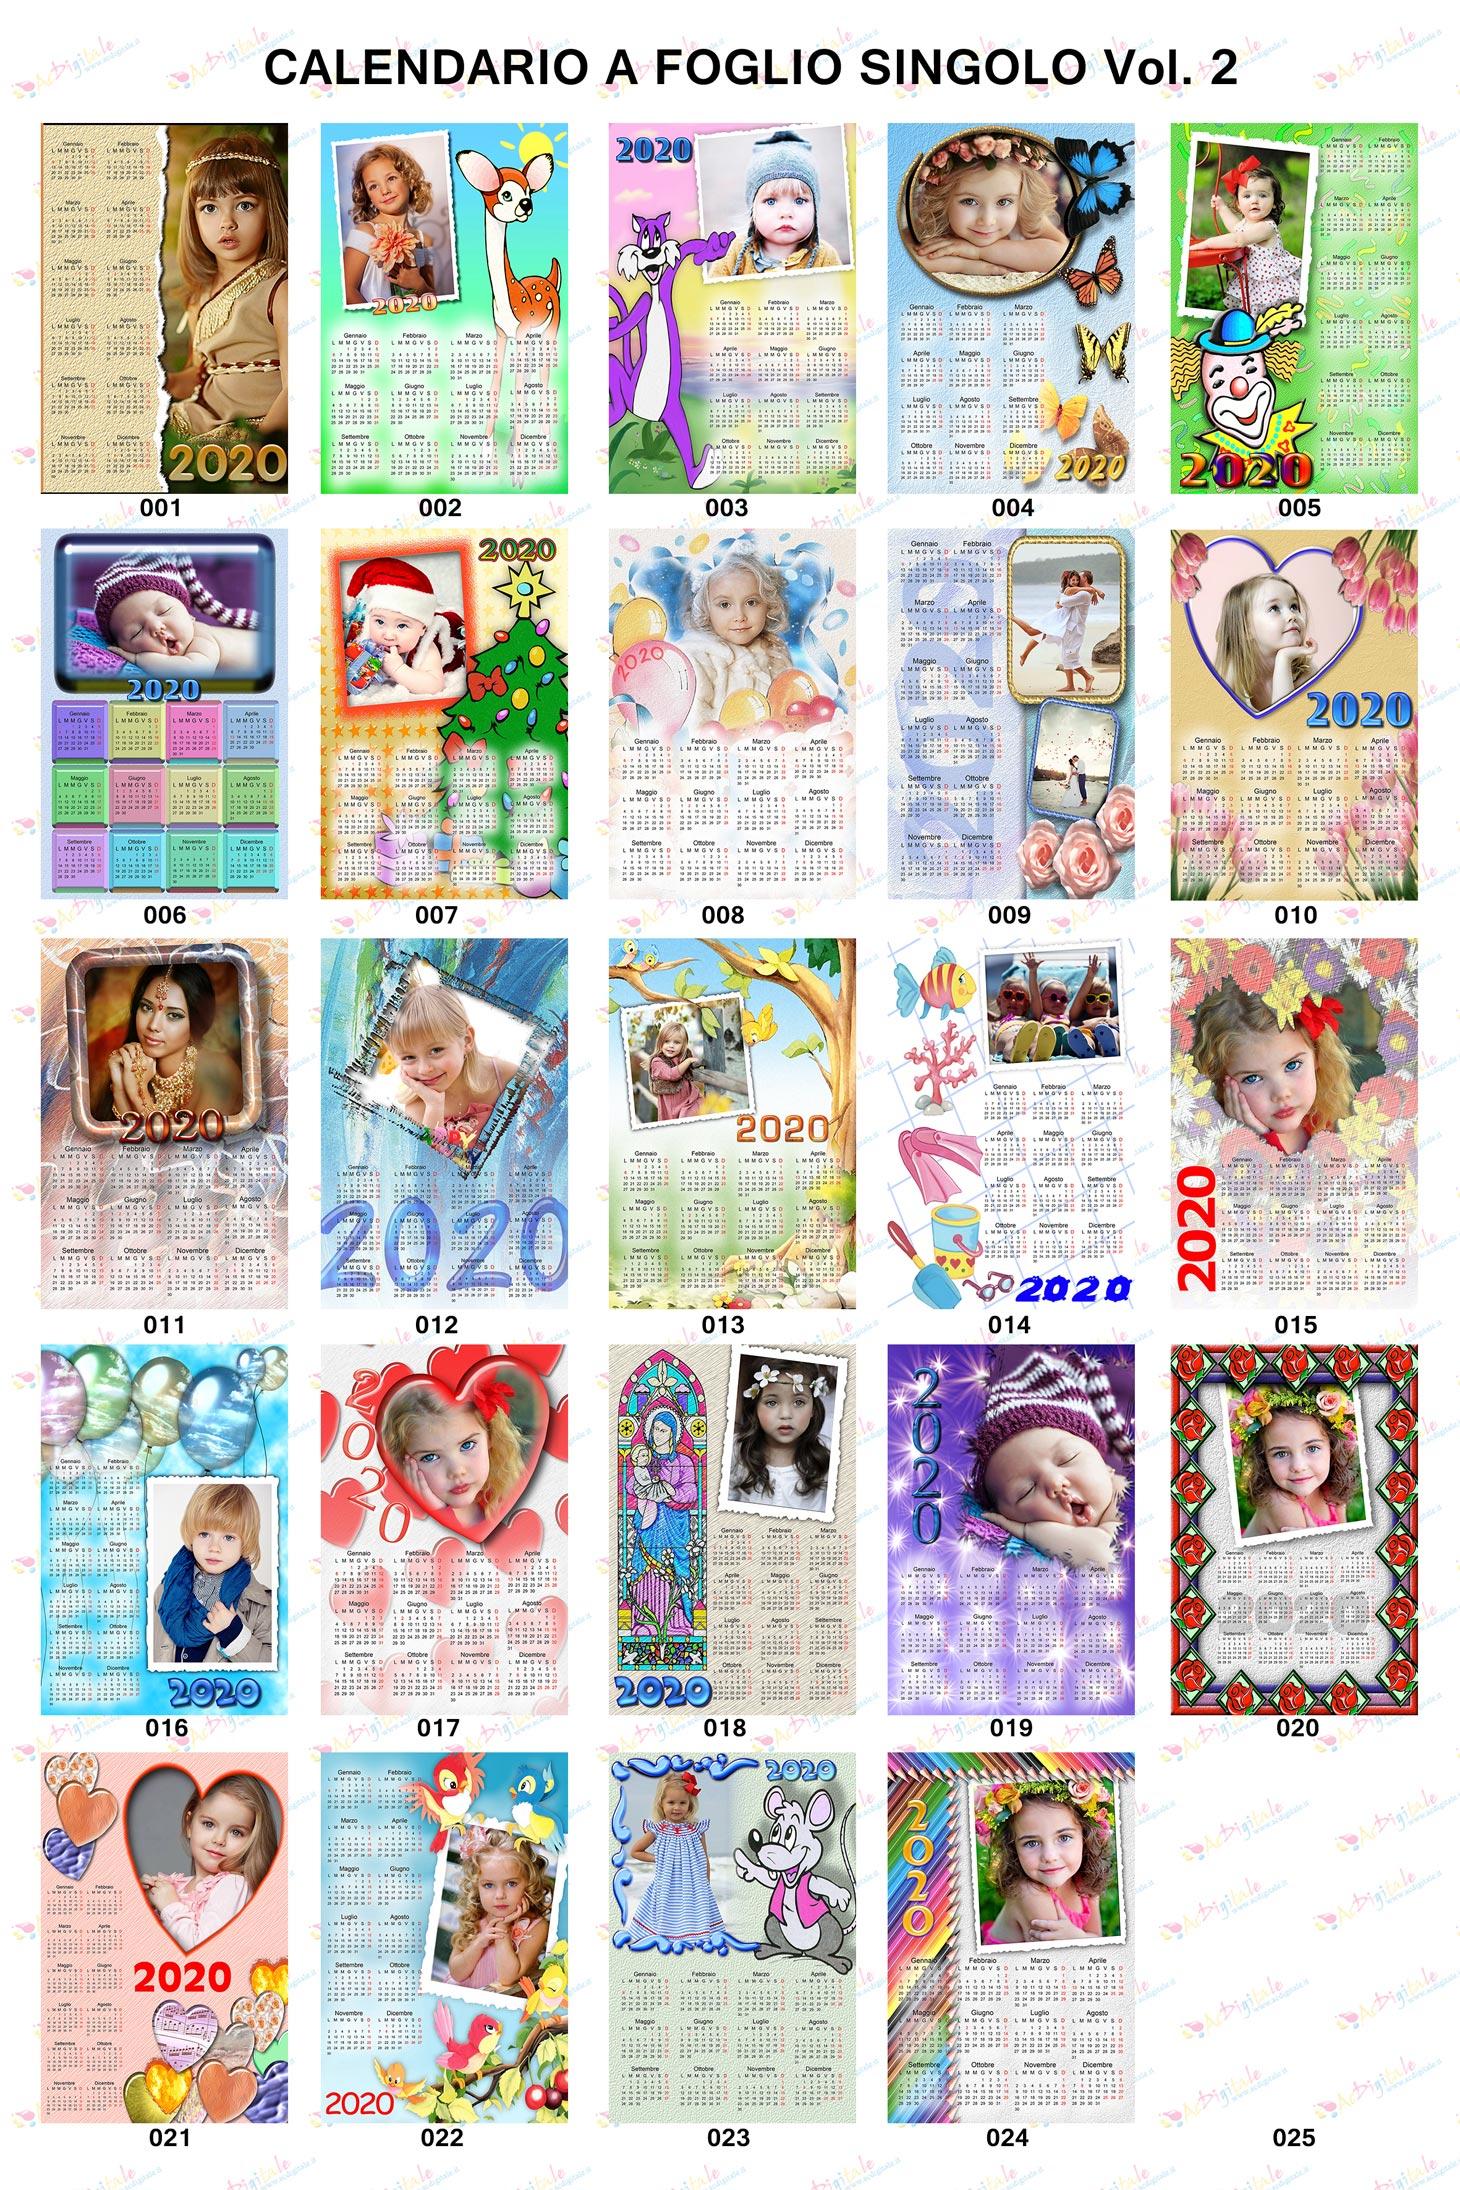 Anteprima calendari personalizzati 2020 volume 2